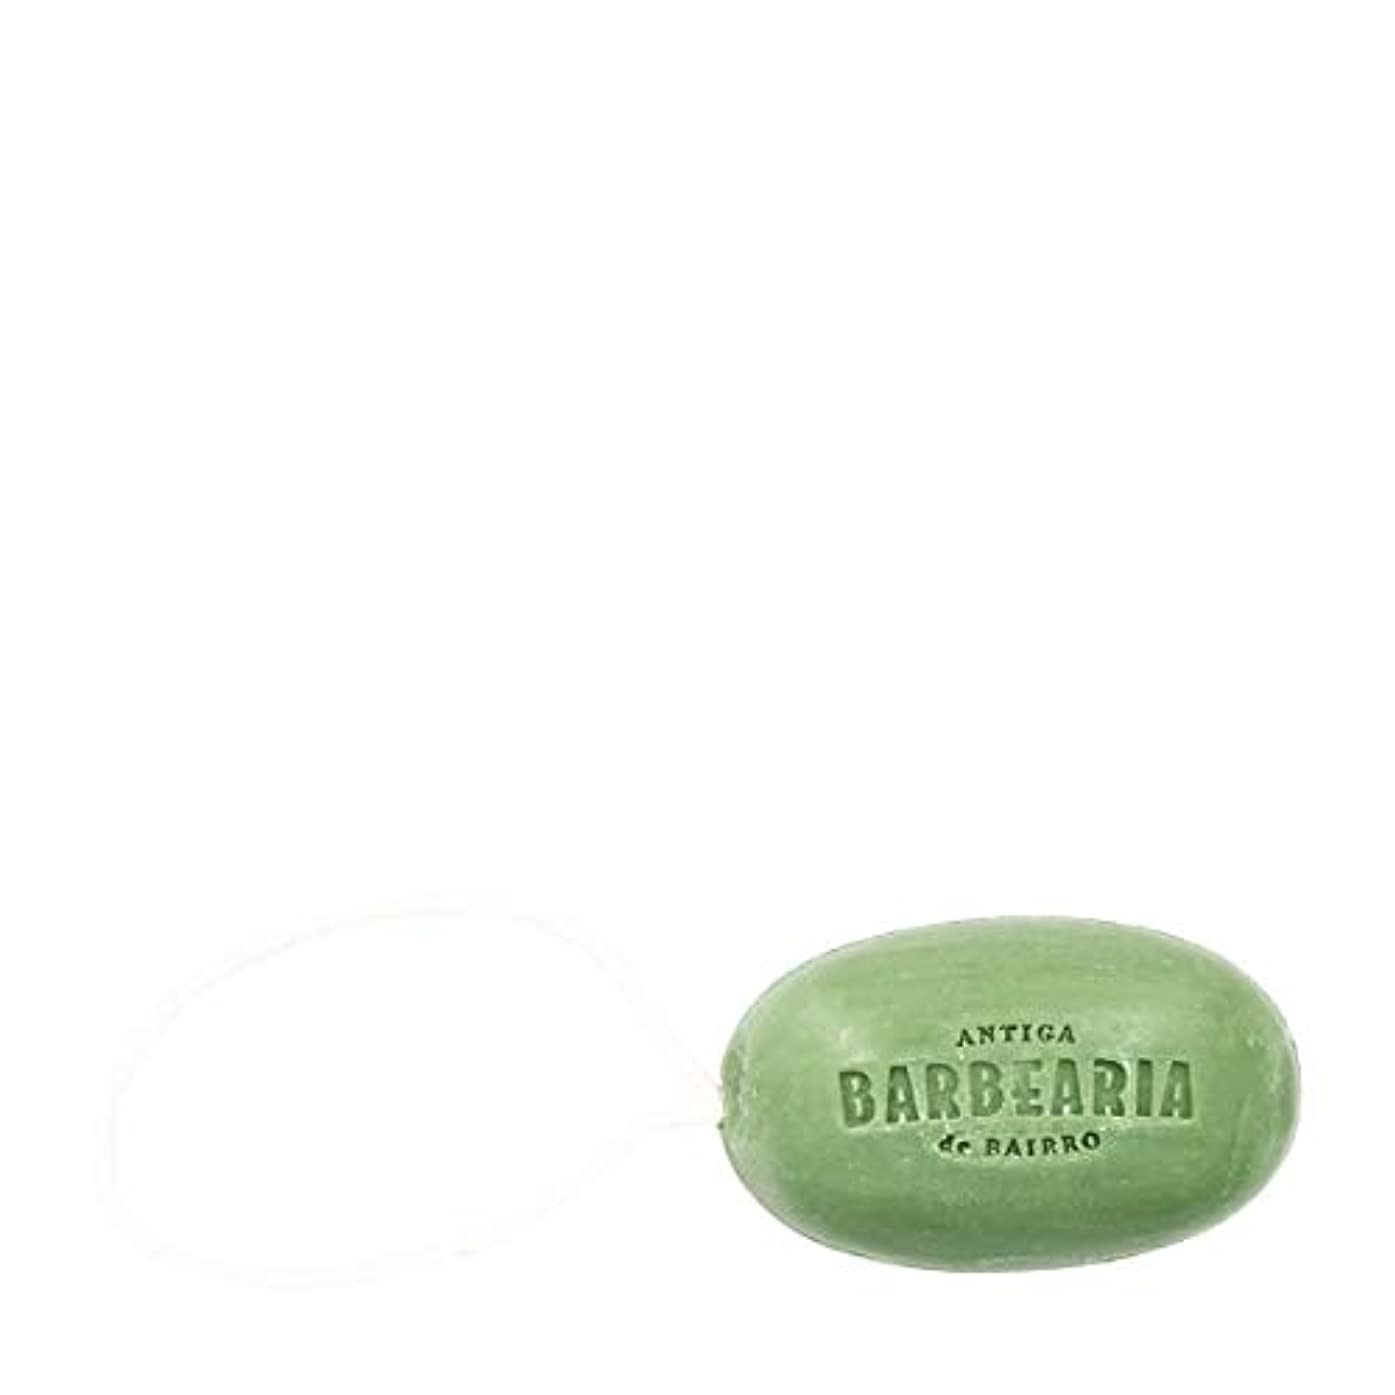 適度に皮肉な外側アンティガ?バーベリア(Antiga Barbearia de Bairro)プリンシペソープロープ350g[海外直送品] [並行輸入品]